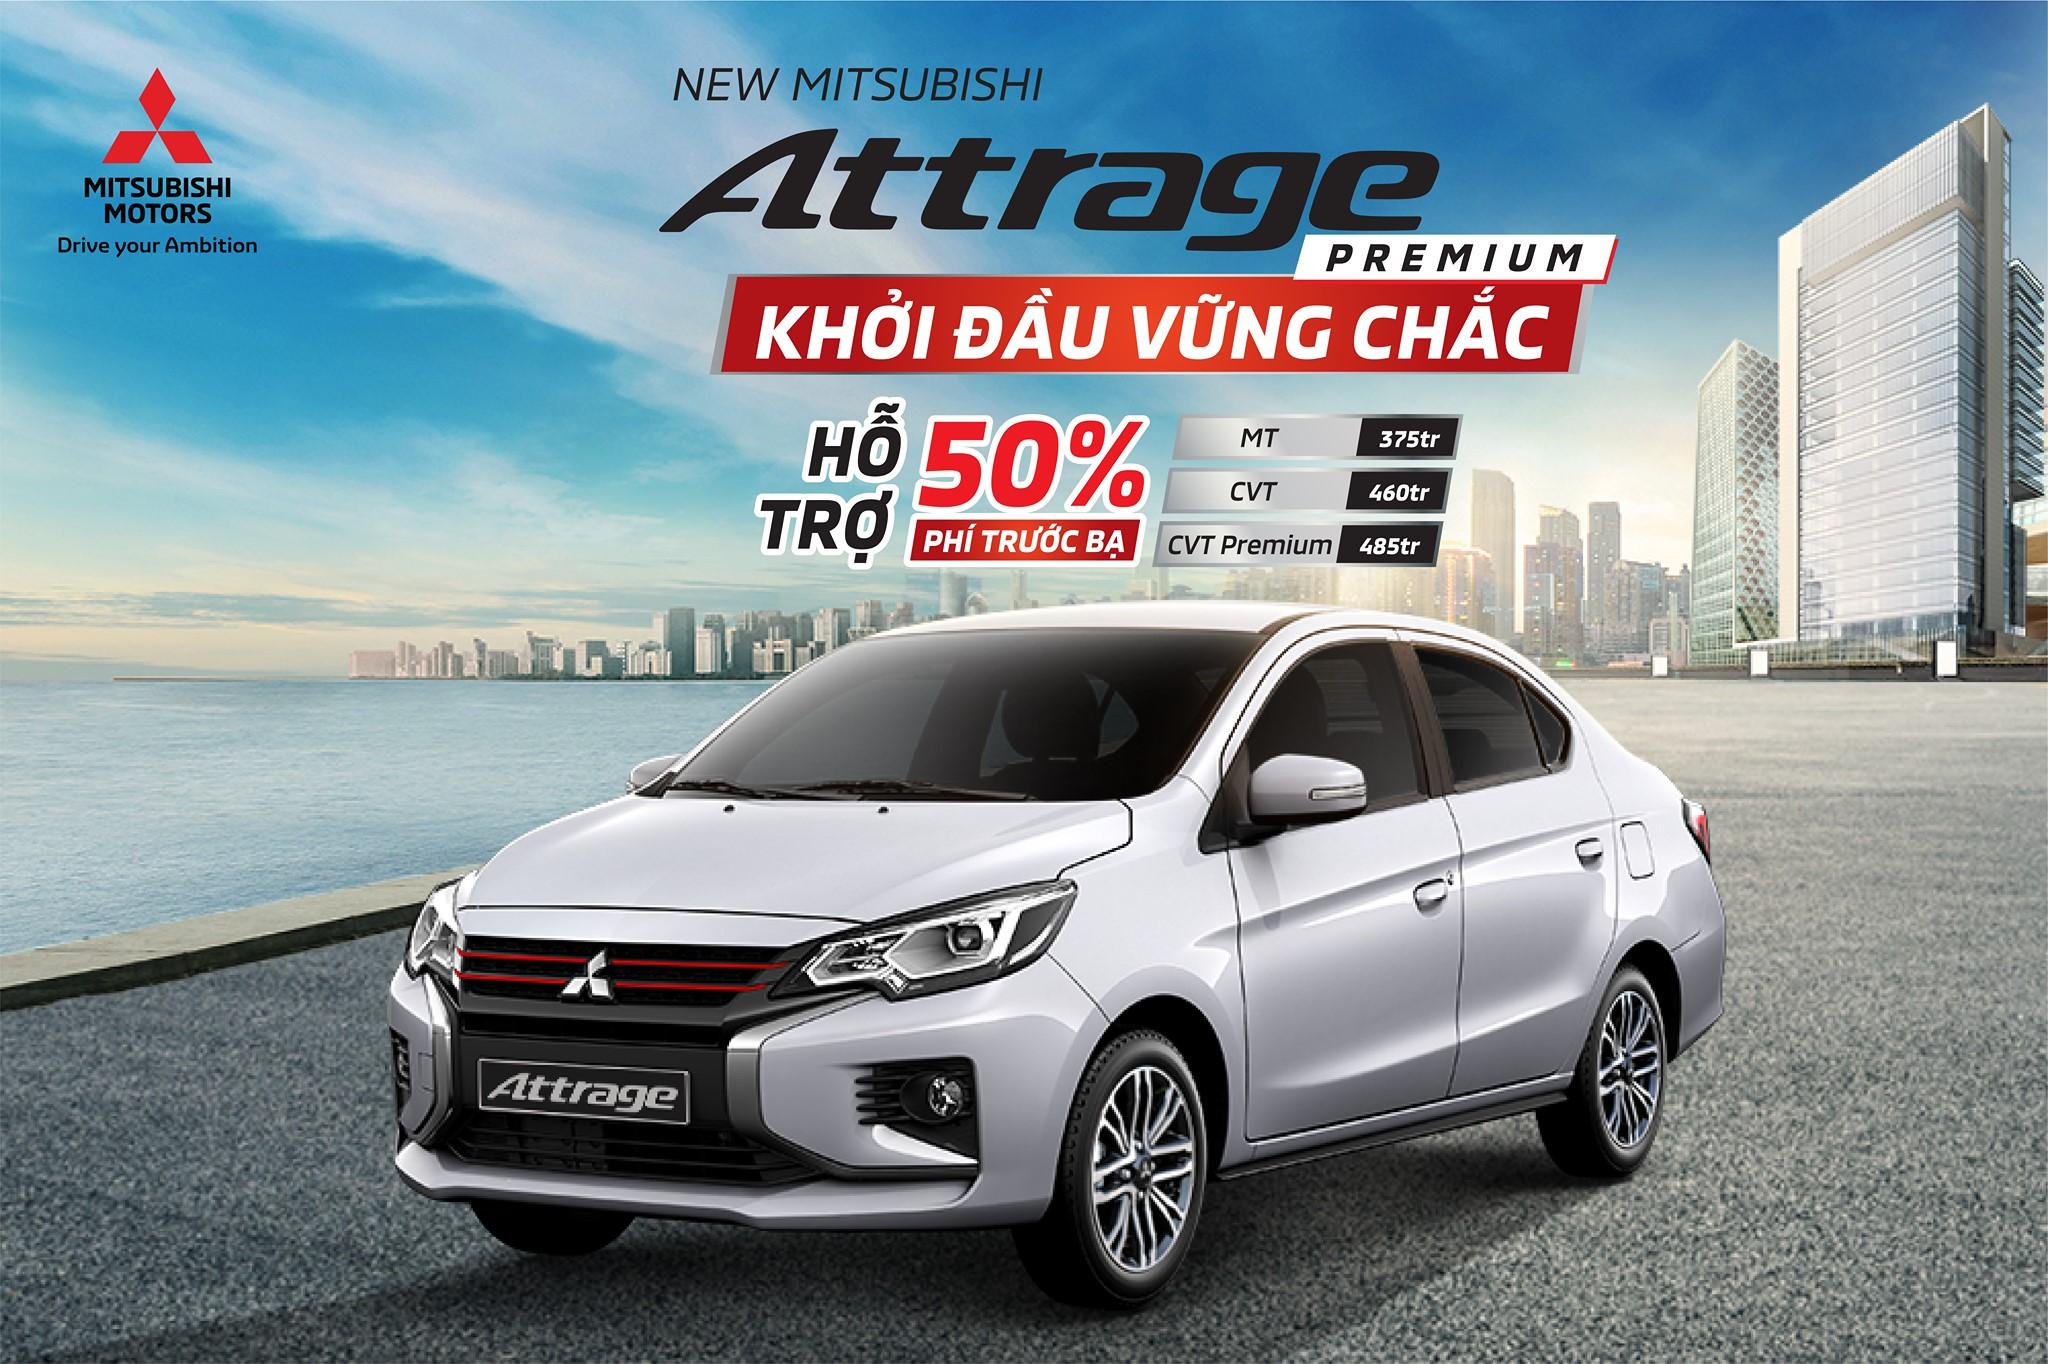 Sự kiện Trưng bày và lái thử xe – Bàn giao xe Mitsubishi Attrage mới tại Huế 03/04/2021